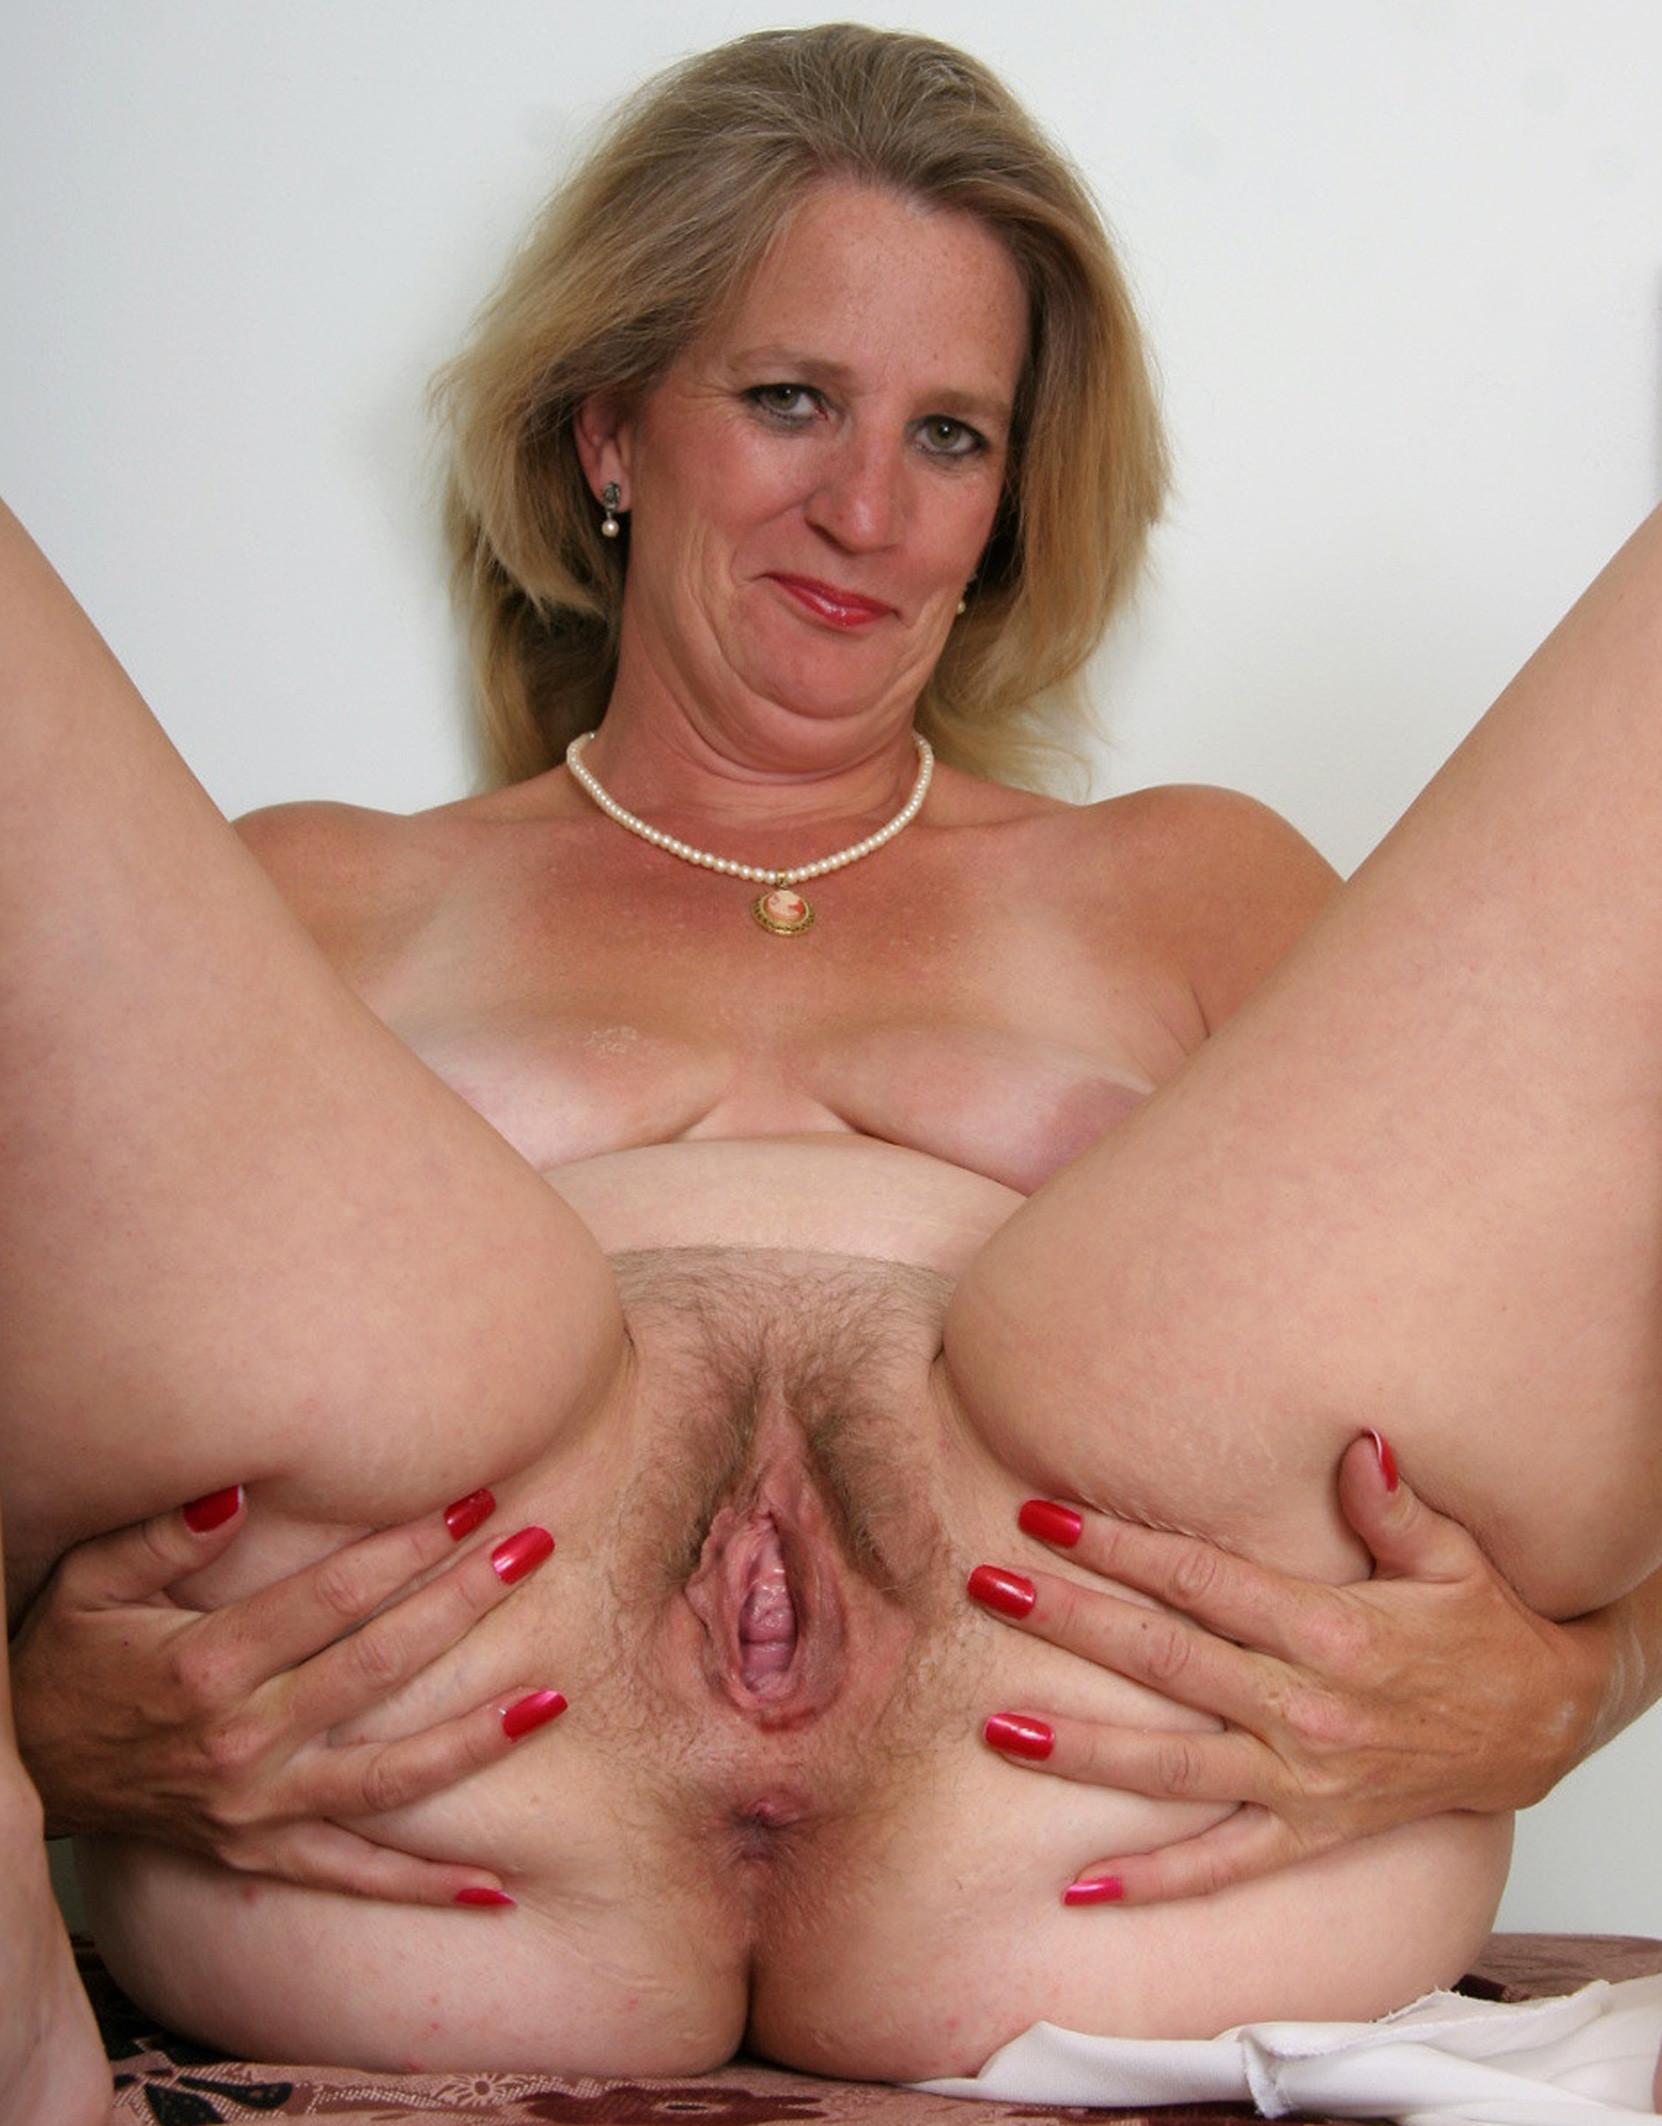 Hairy Mature Porn Videos Pornhubcom